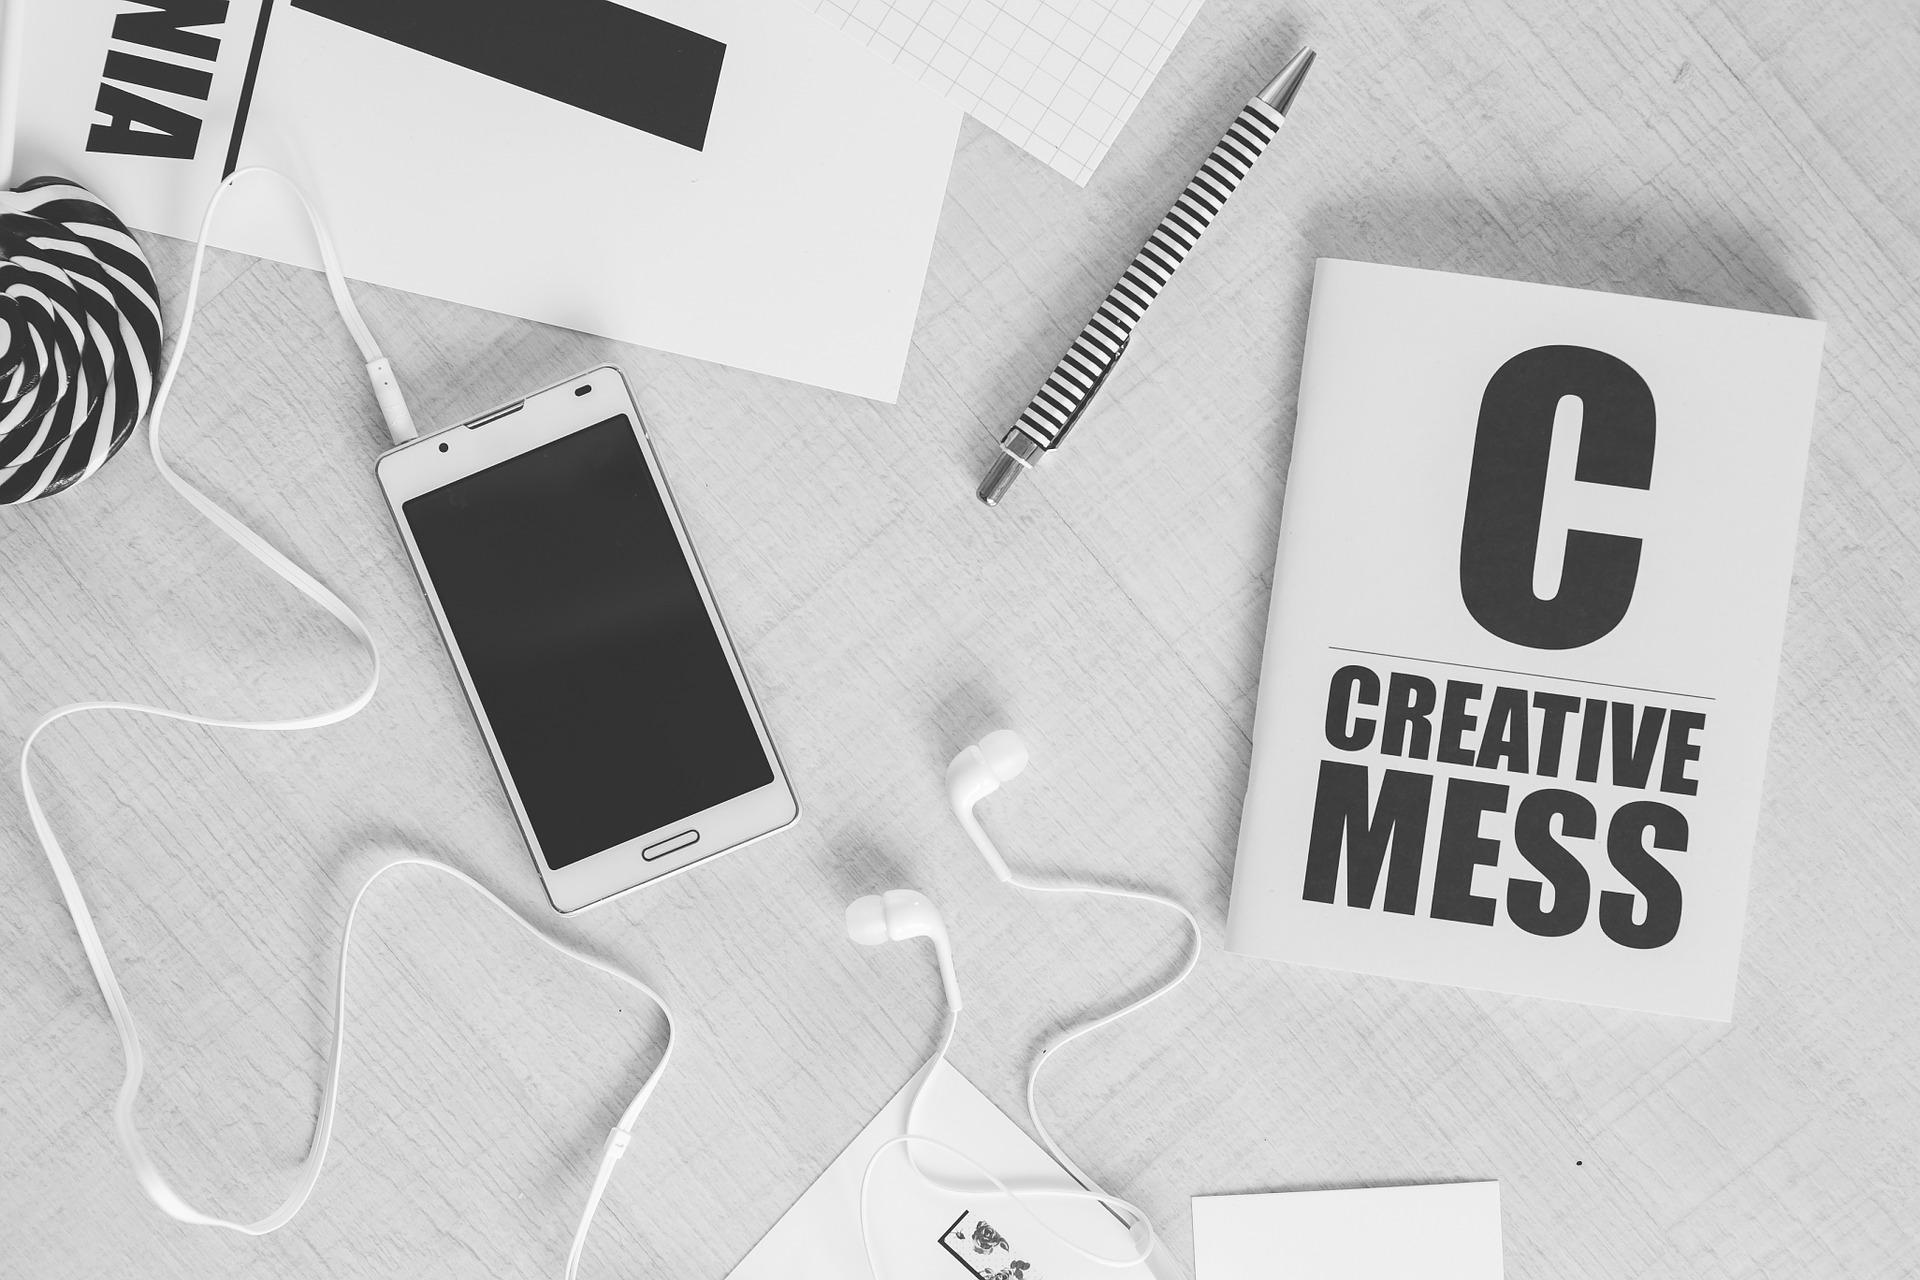 Commencez_l_année_du_bon_pied_en_créant_vos_propres_systèmes_de_marketing